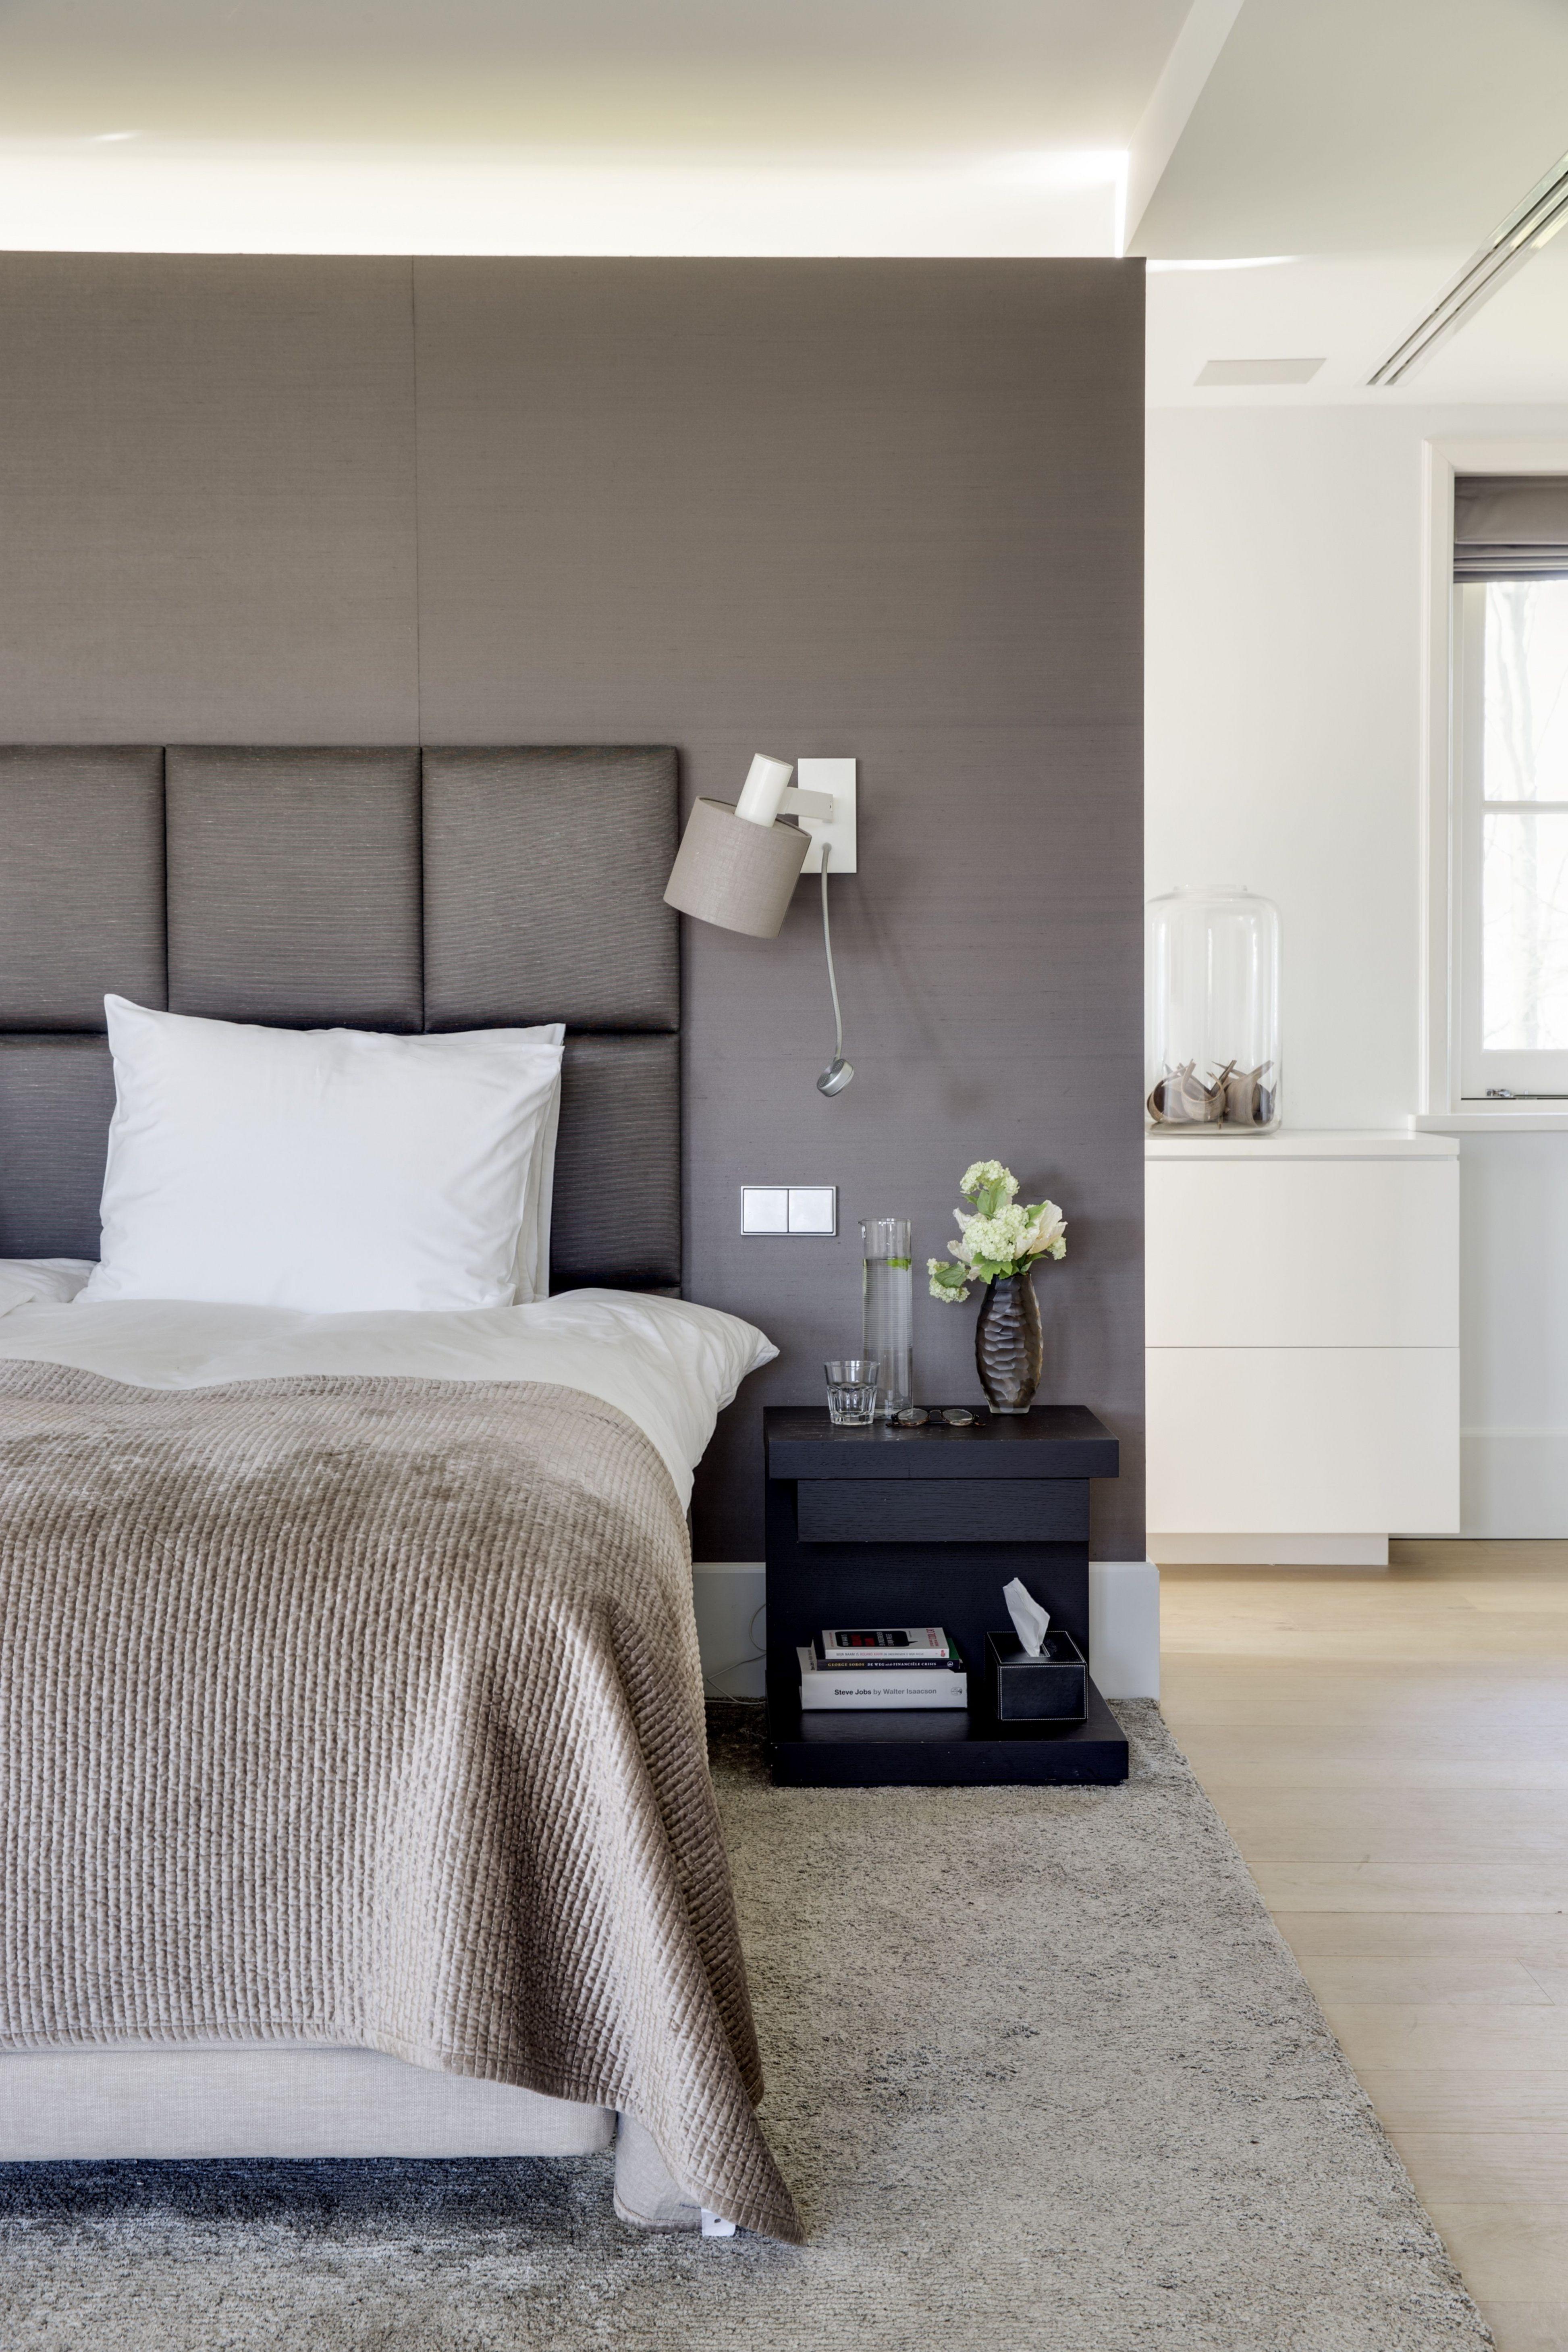 Tete De Lit Chic Et Design Douce Tete De Lit Interiors — Laguerredesmots